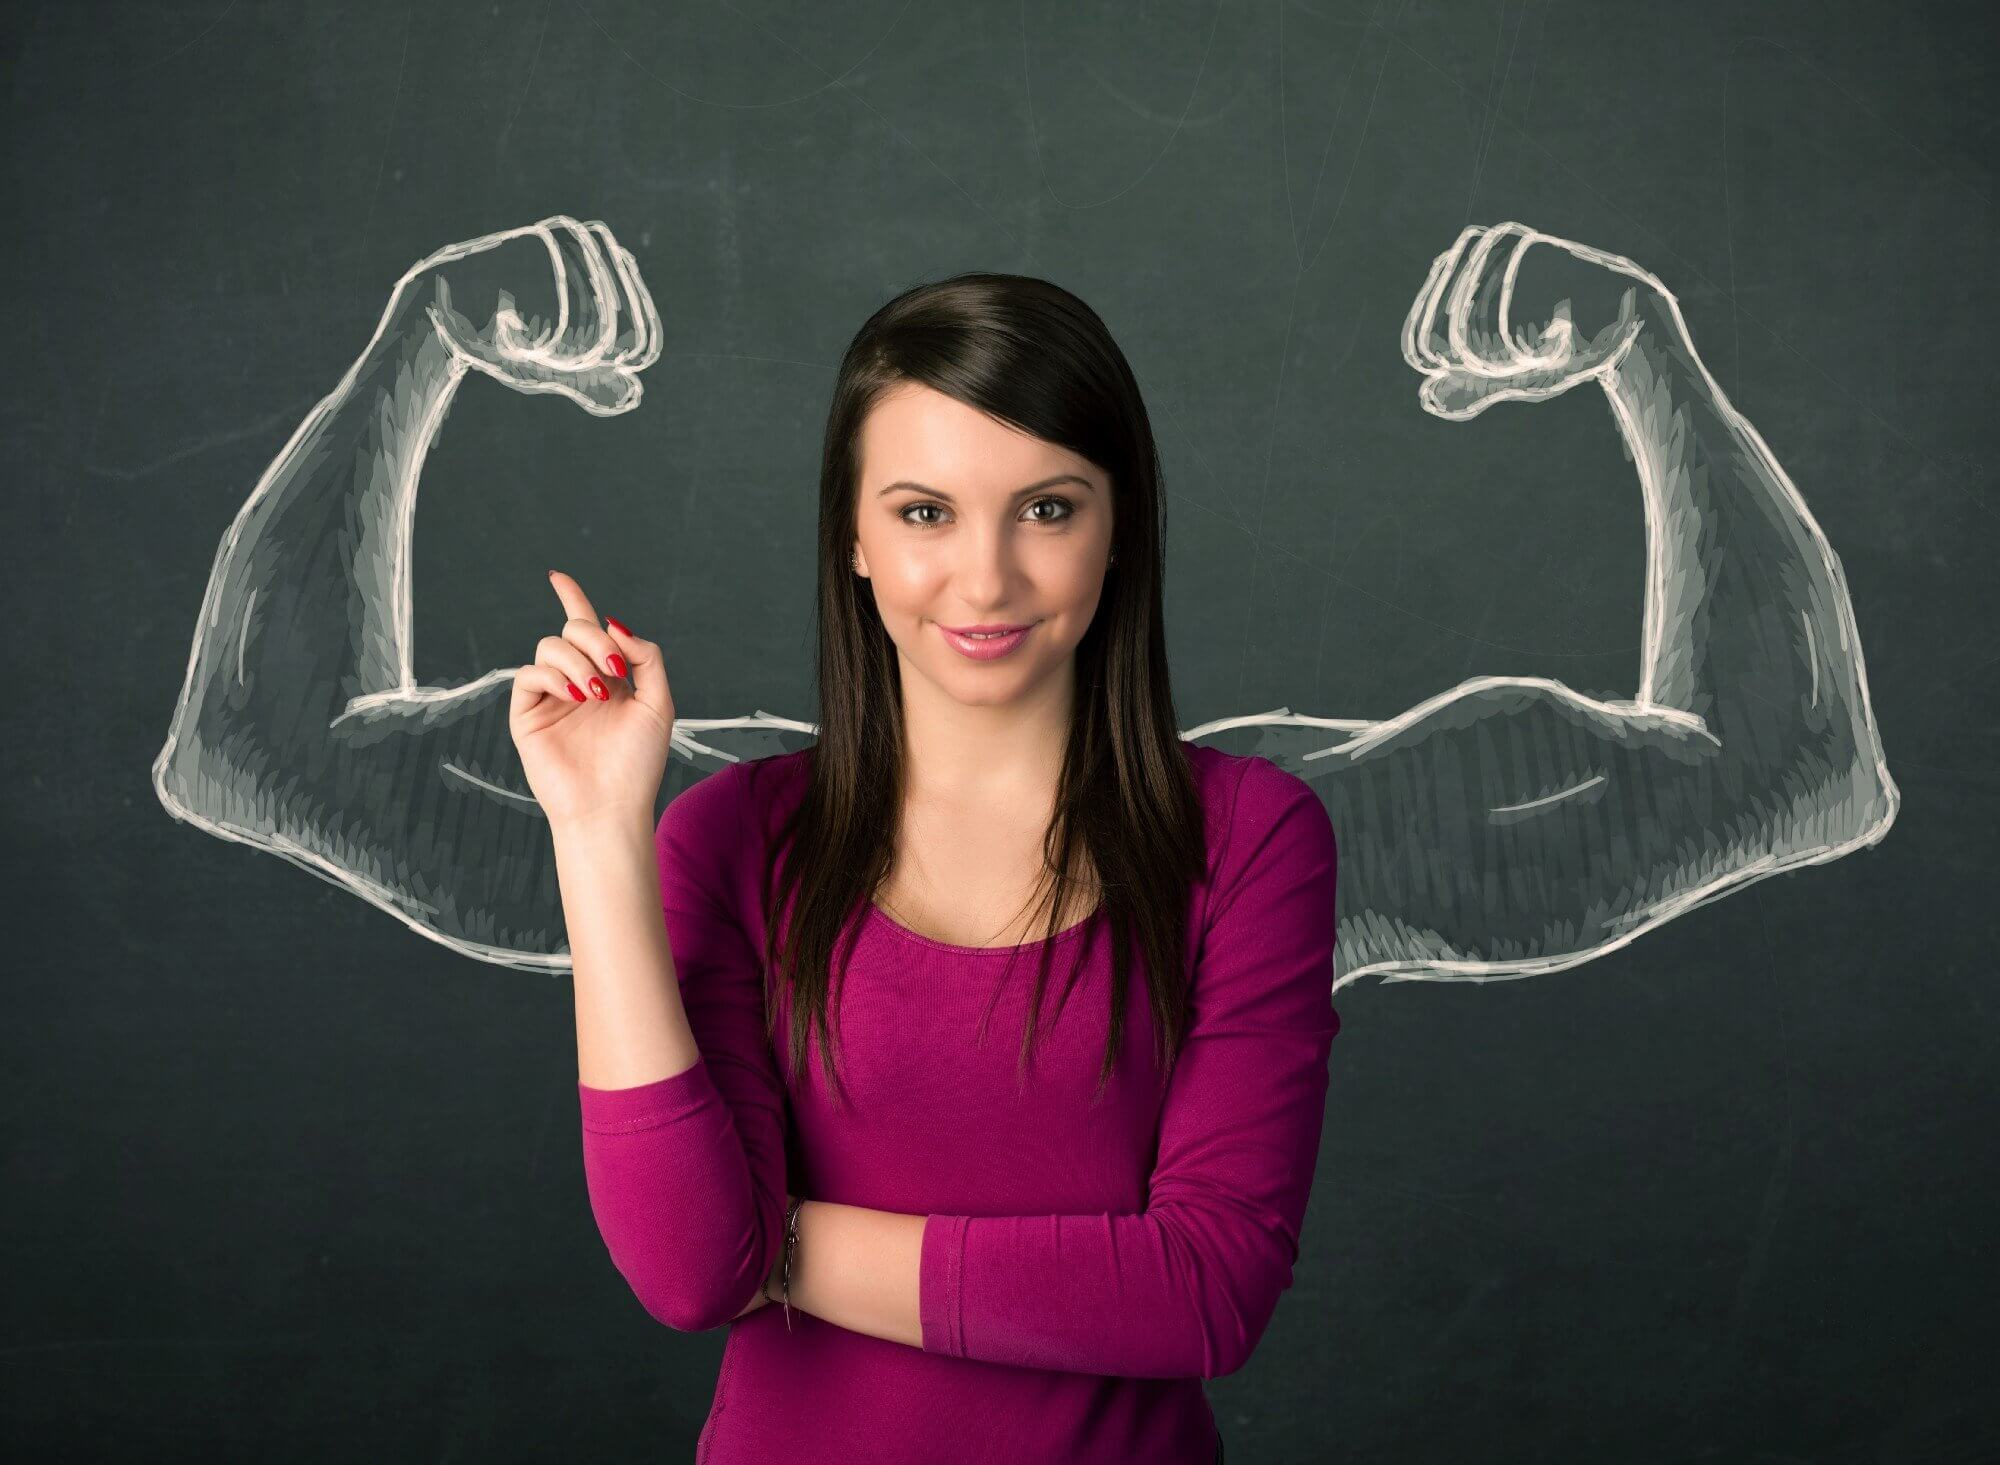 Заниженная самооценка: как избавиться от чувства неуверенности